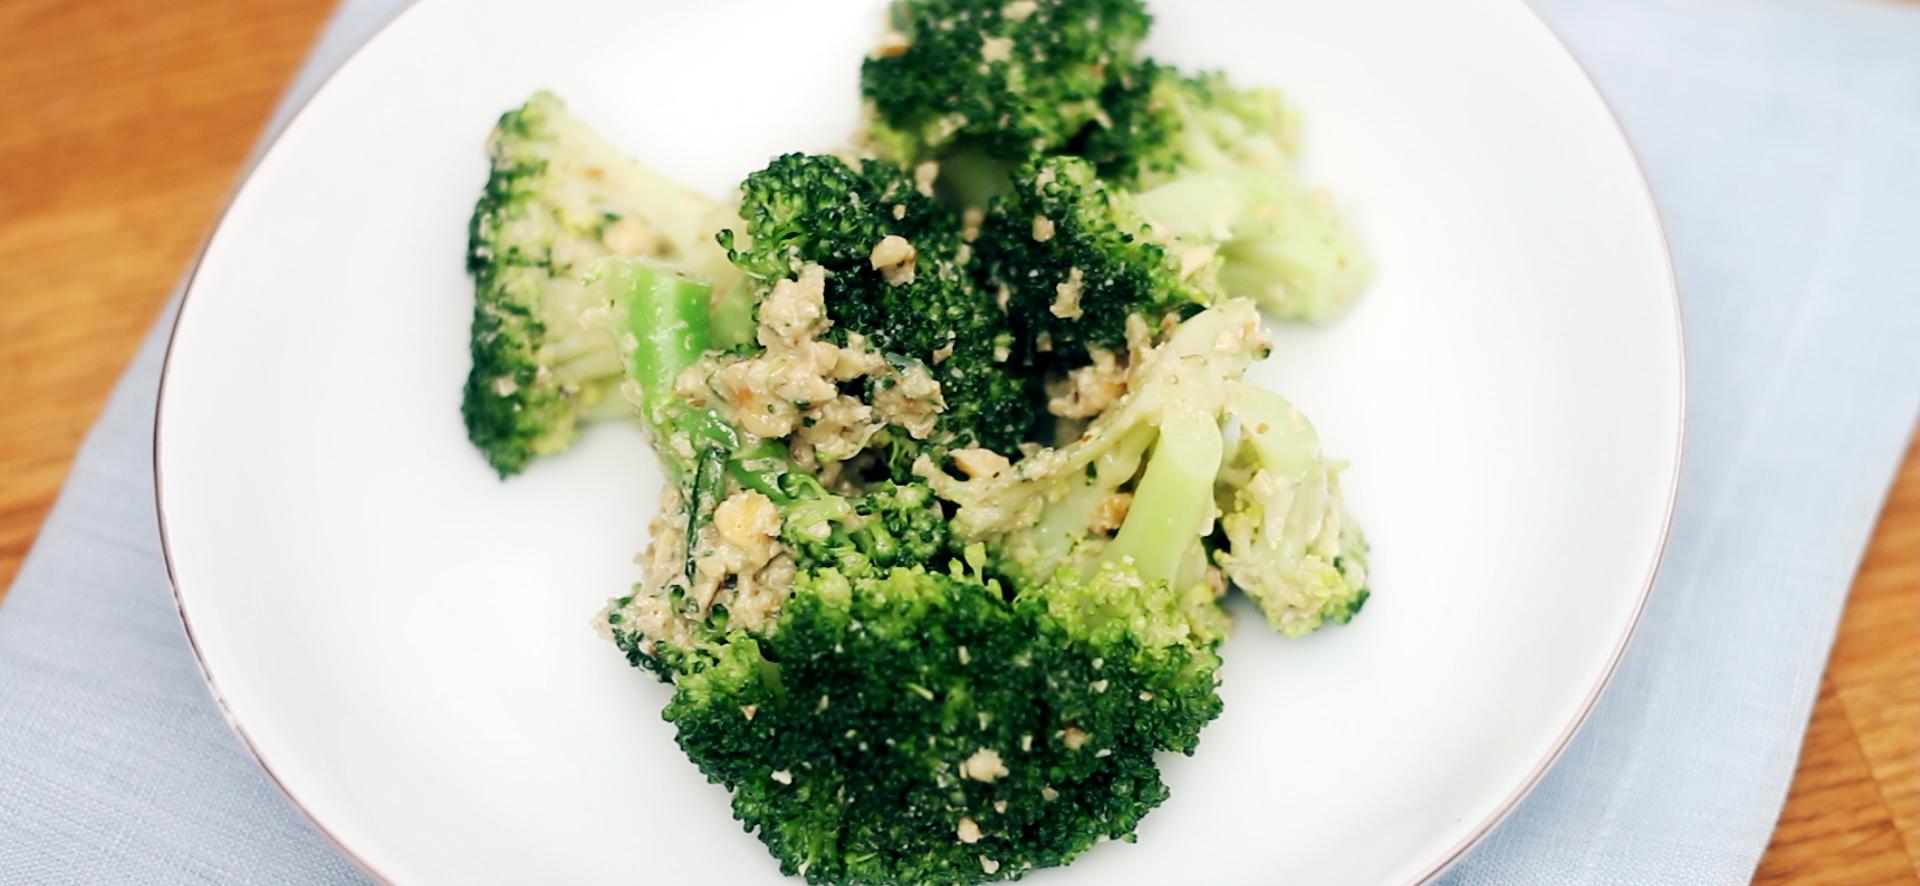 Cevizli Hardallı Brokoli Salatası Tarifi